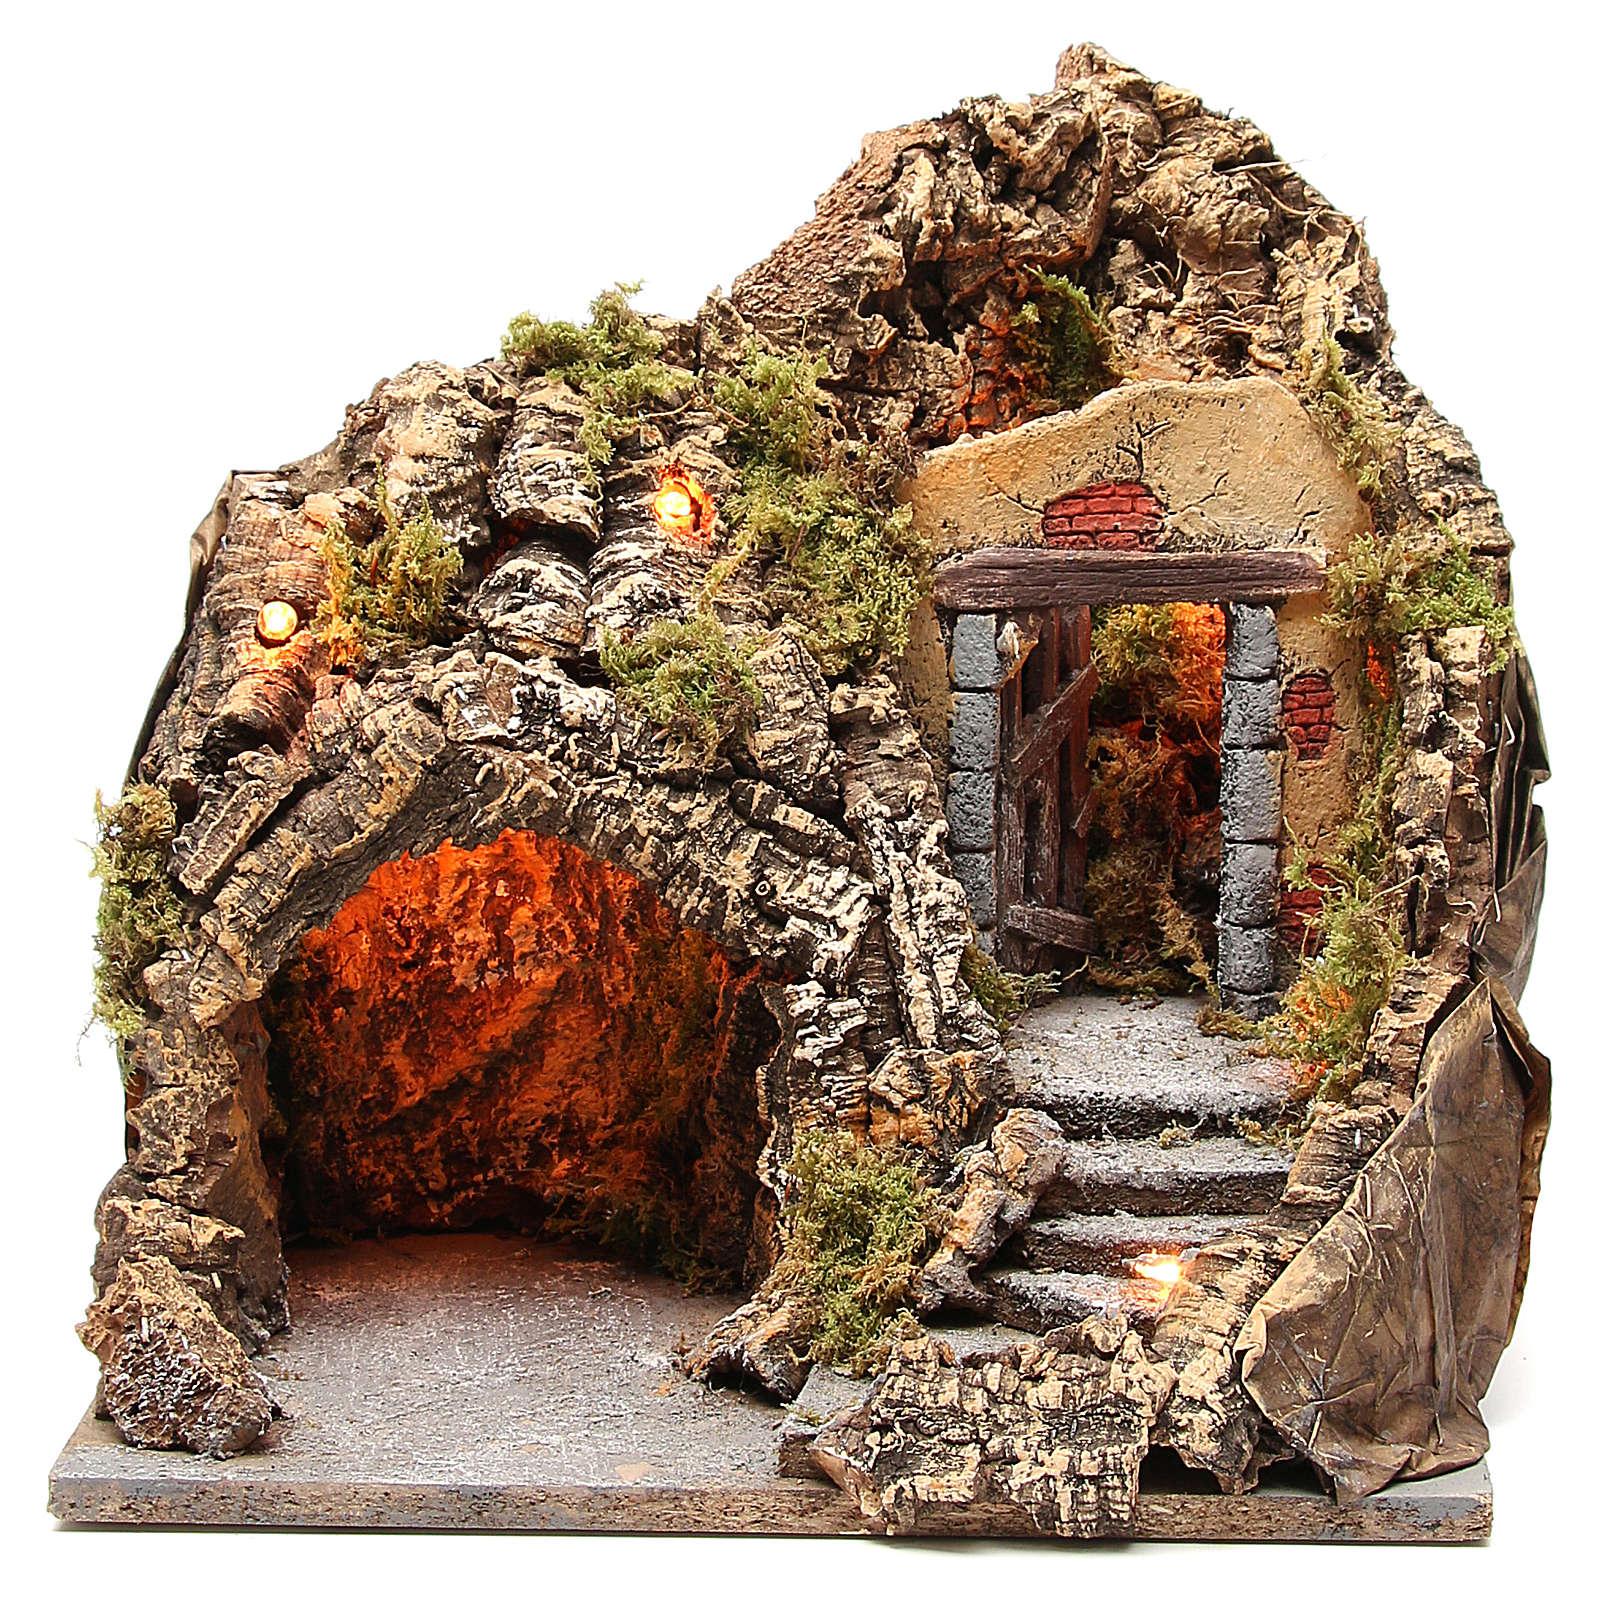 Grotta presepe legno sughero illuminata 38x30x30 cm 4